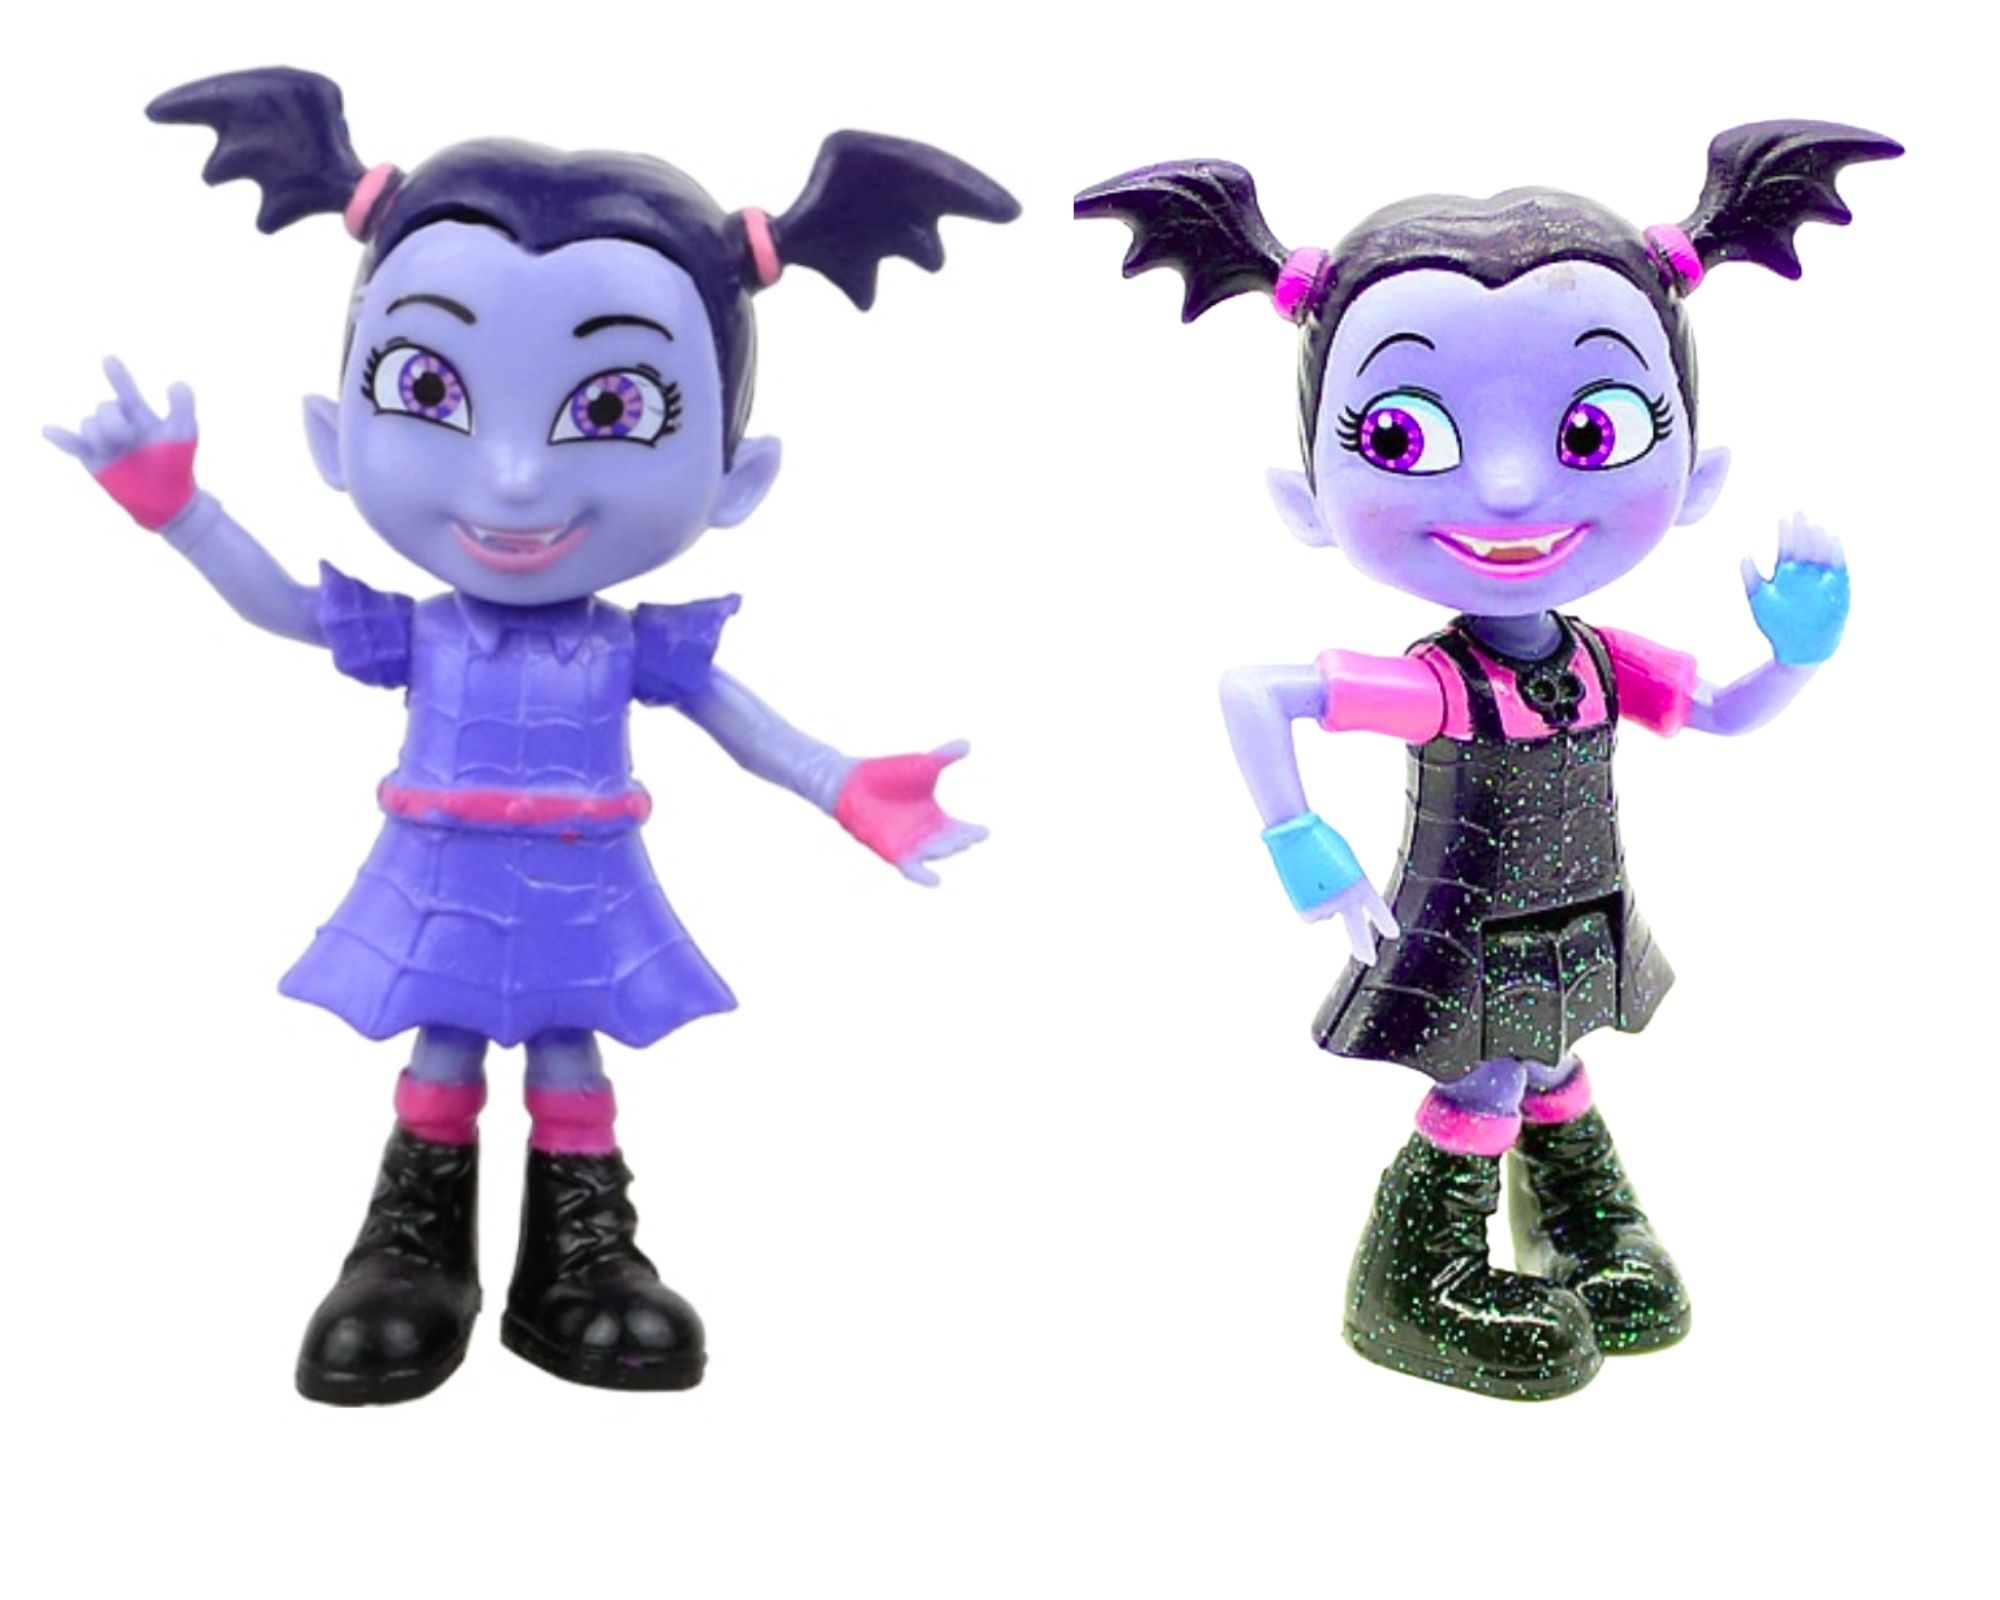 Boneca Vampirina 9 cm Vestido Preto ou Roxo  - Game Land Brinquedos